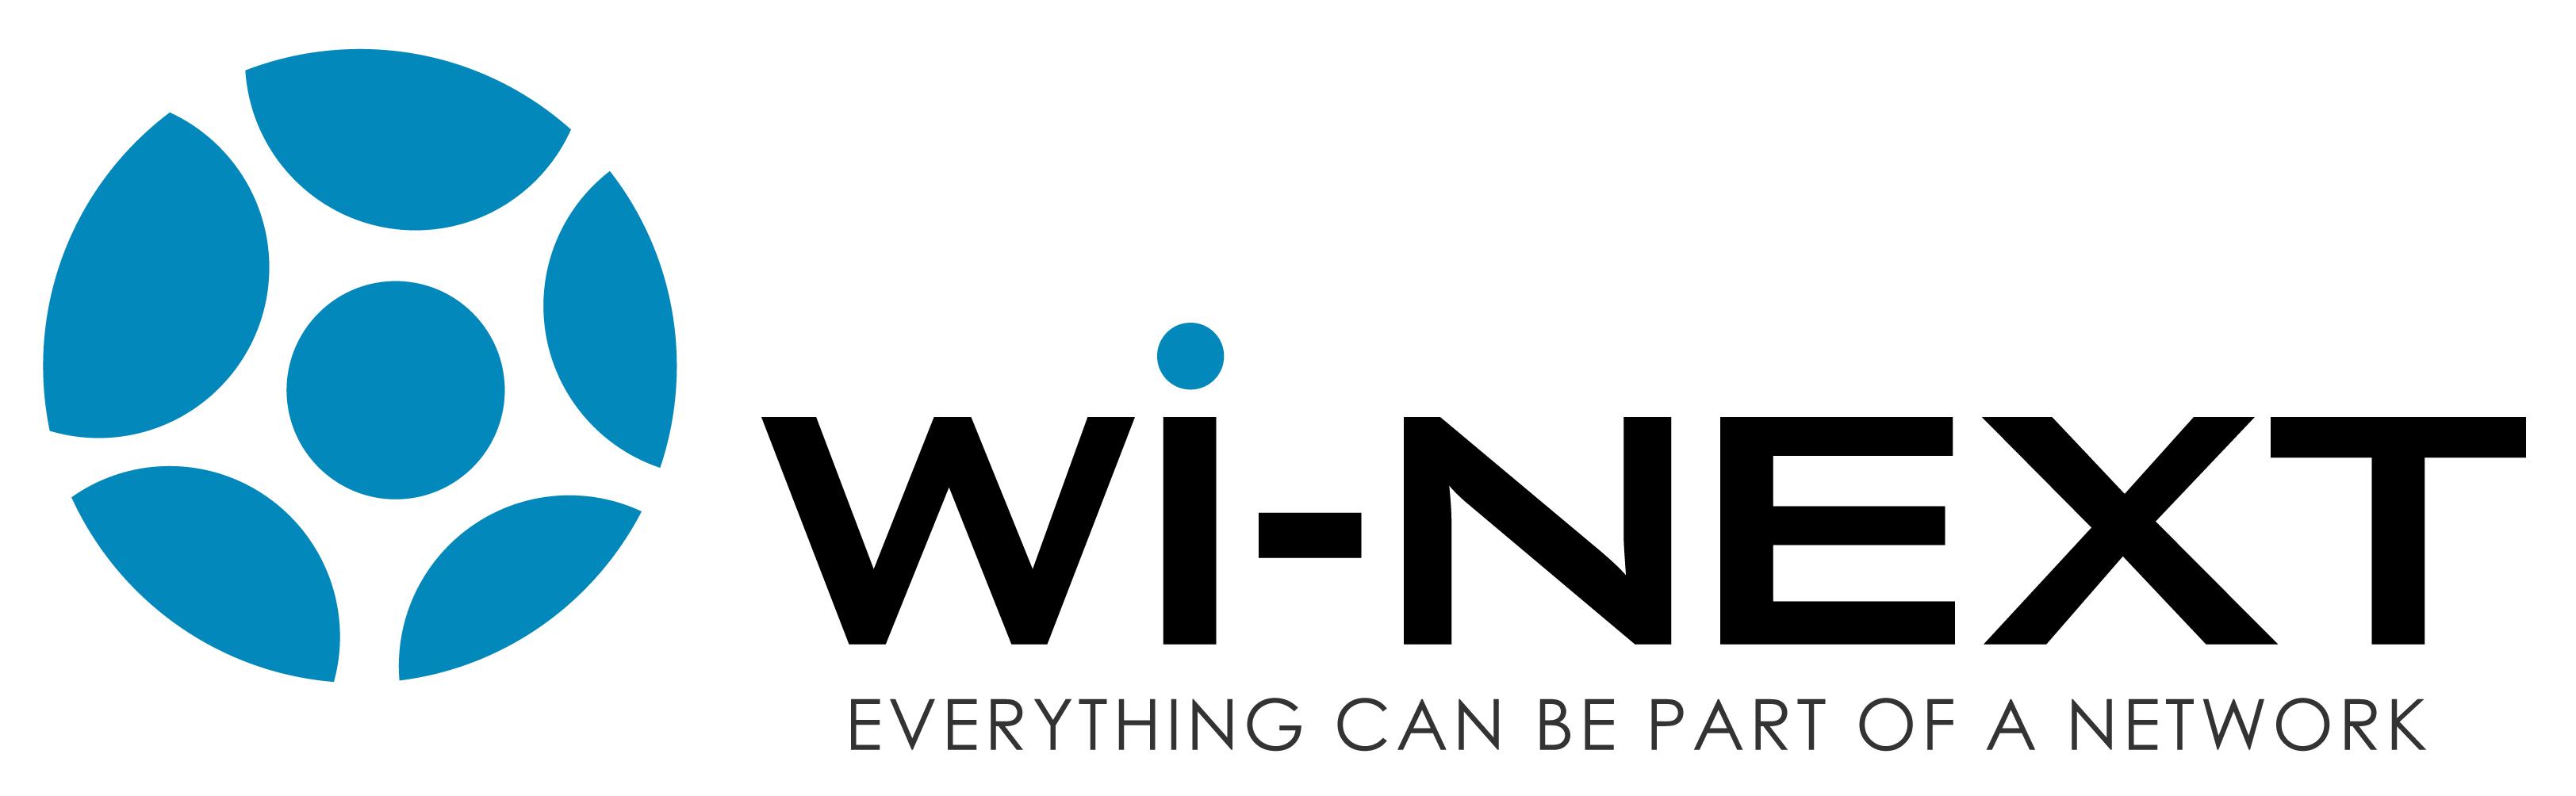 Novità| Wind sigla un accordo per la realizzazione della rete LTE